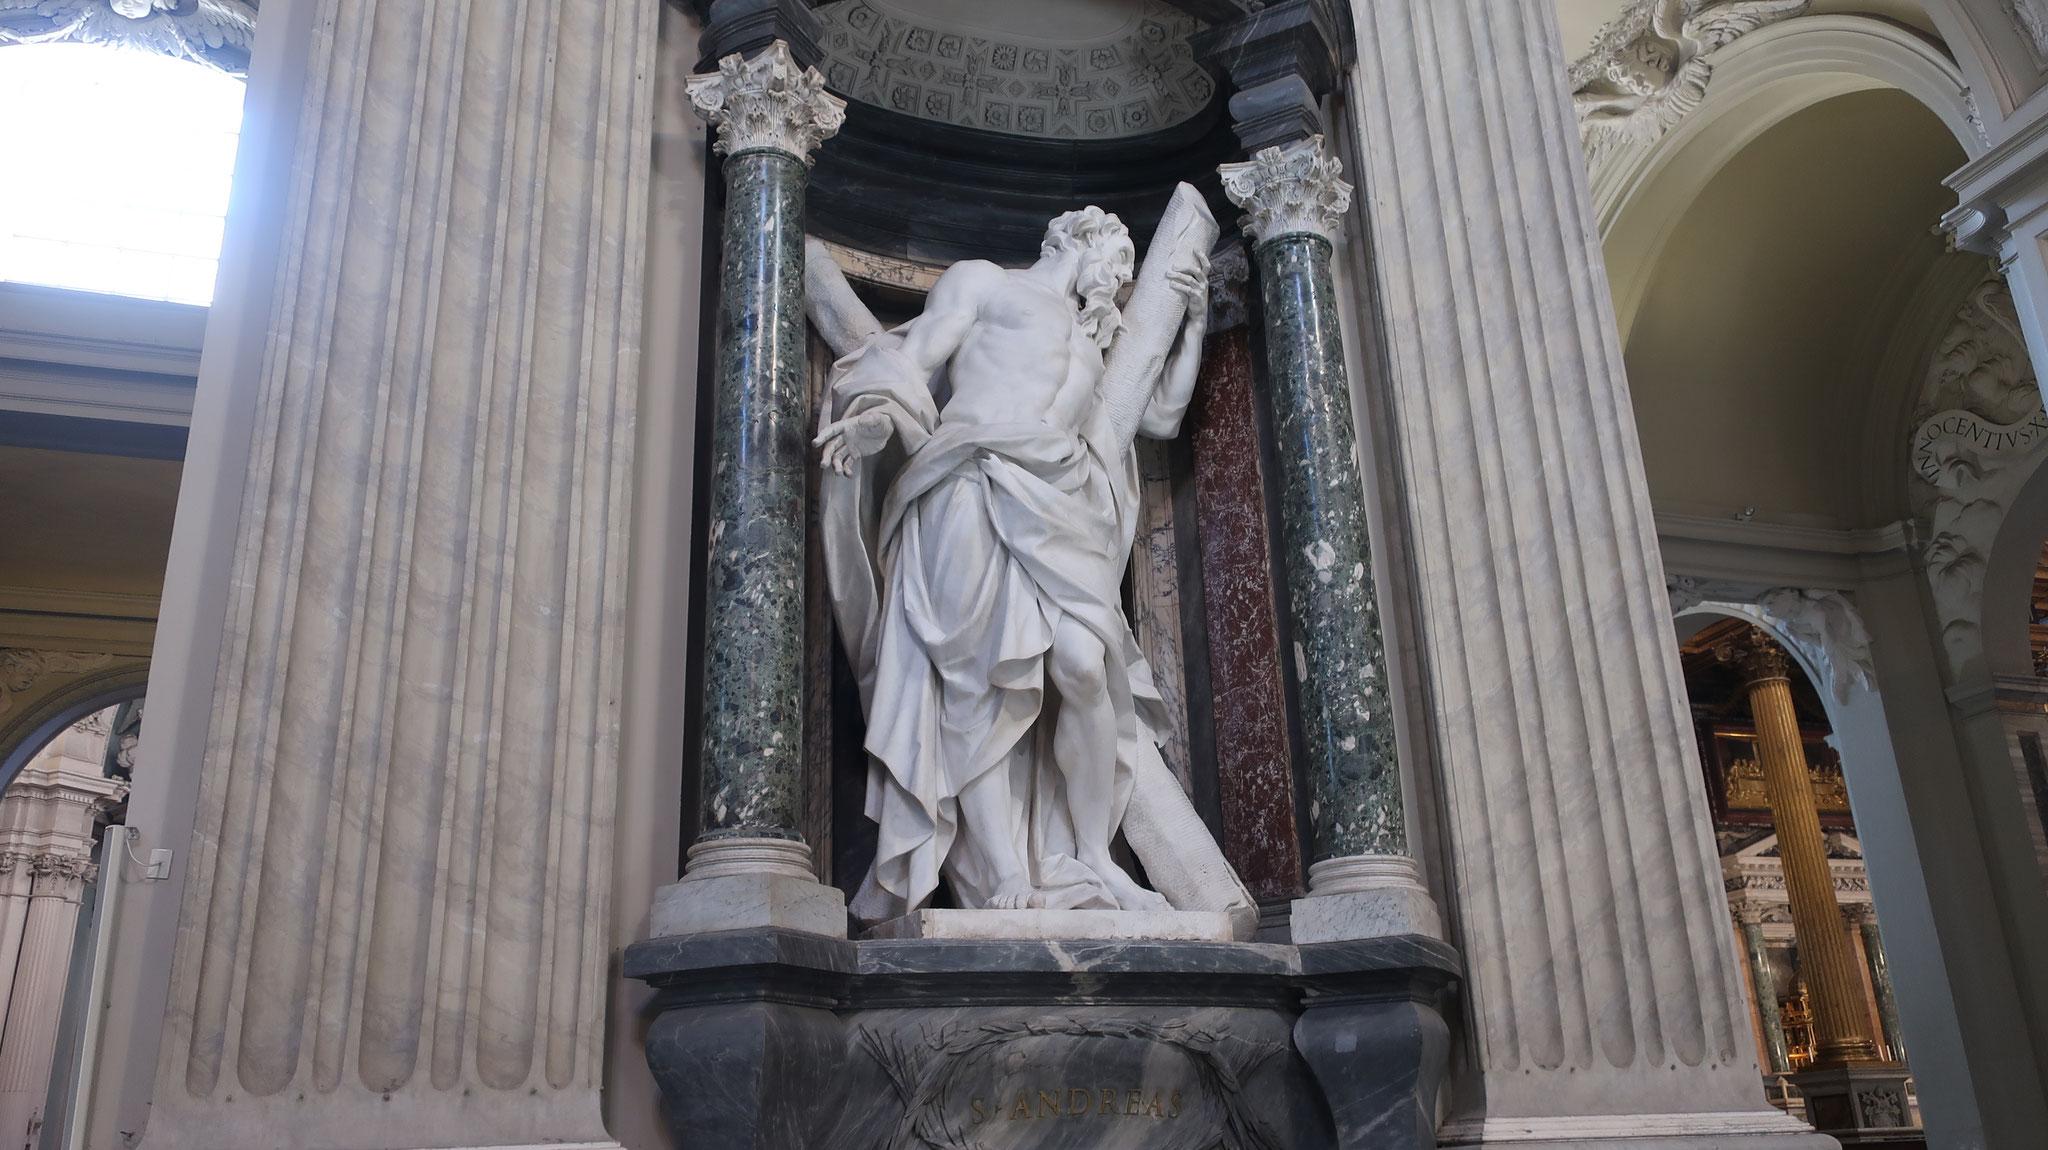 アンデレ。十二使徒の一人。X字型の十字架で処刑されたため、X字型の十字架は「アンデレの十字架」と呼ばれ、アンデレを守護聖人とする団体の紋章にされています。例:「聖アンドリュー旗」(スコットランド国旗)